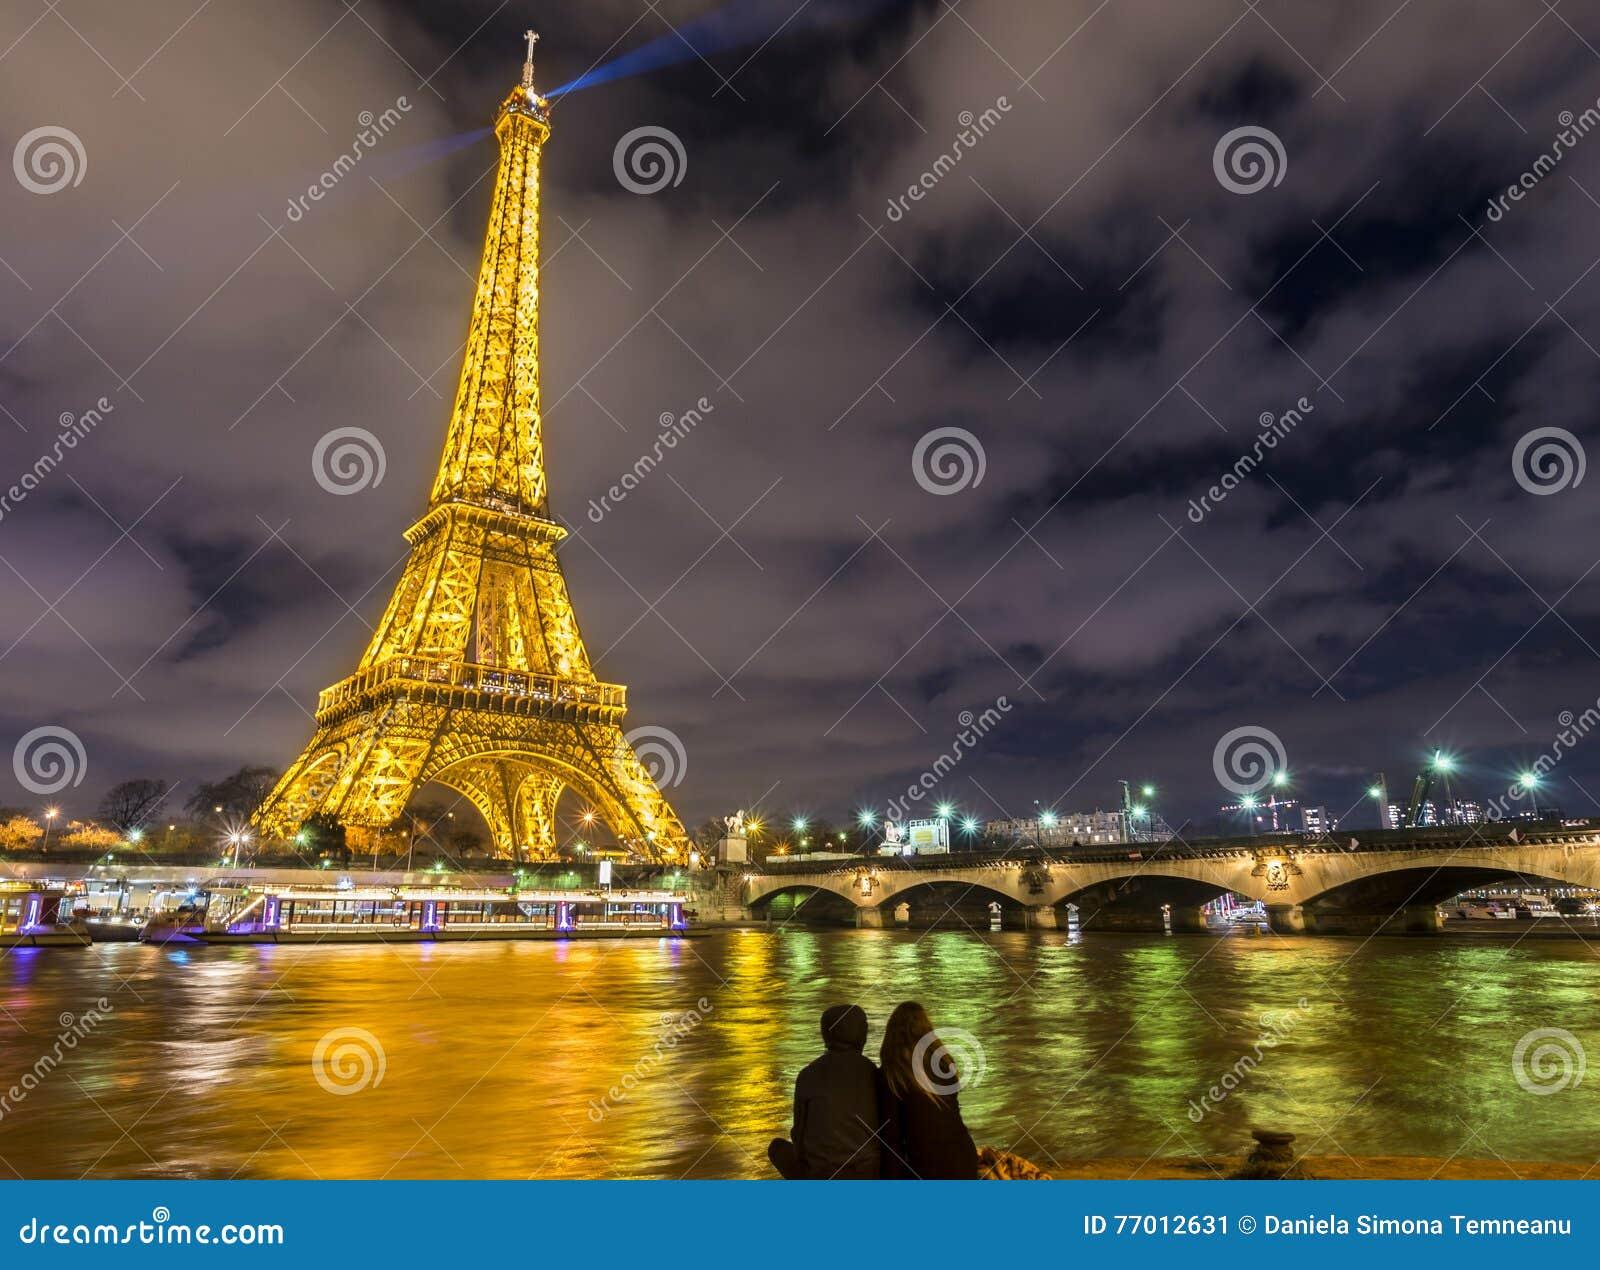 Romantic night scene in paris at the eiffel tower for Romantic evening in paris